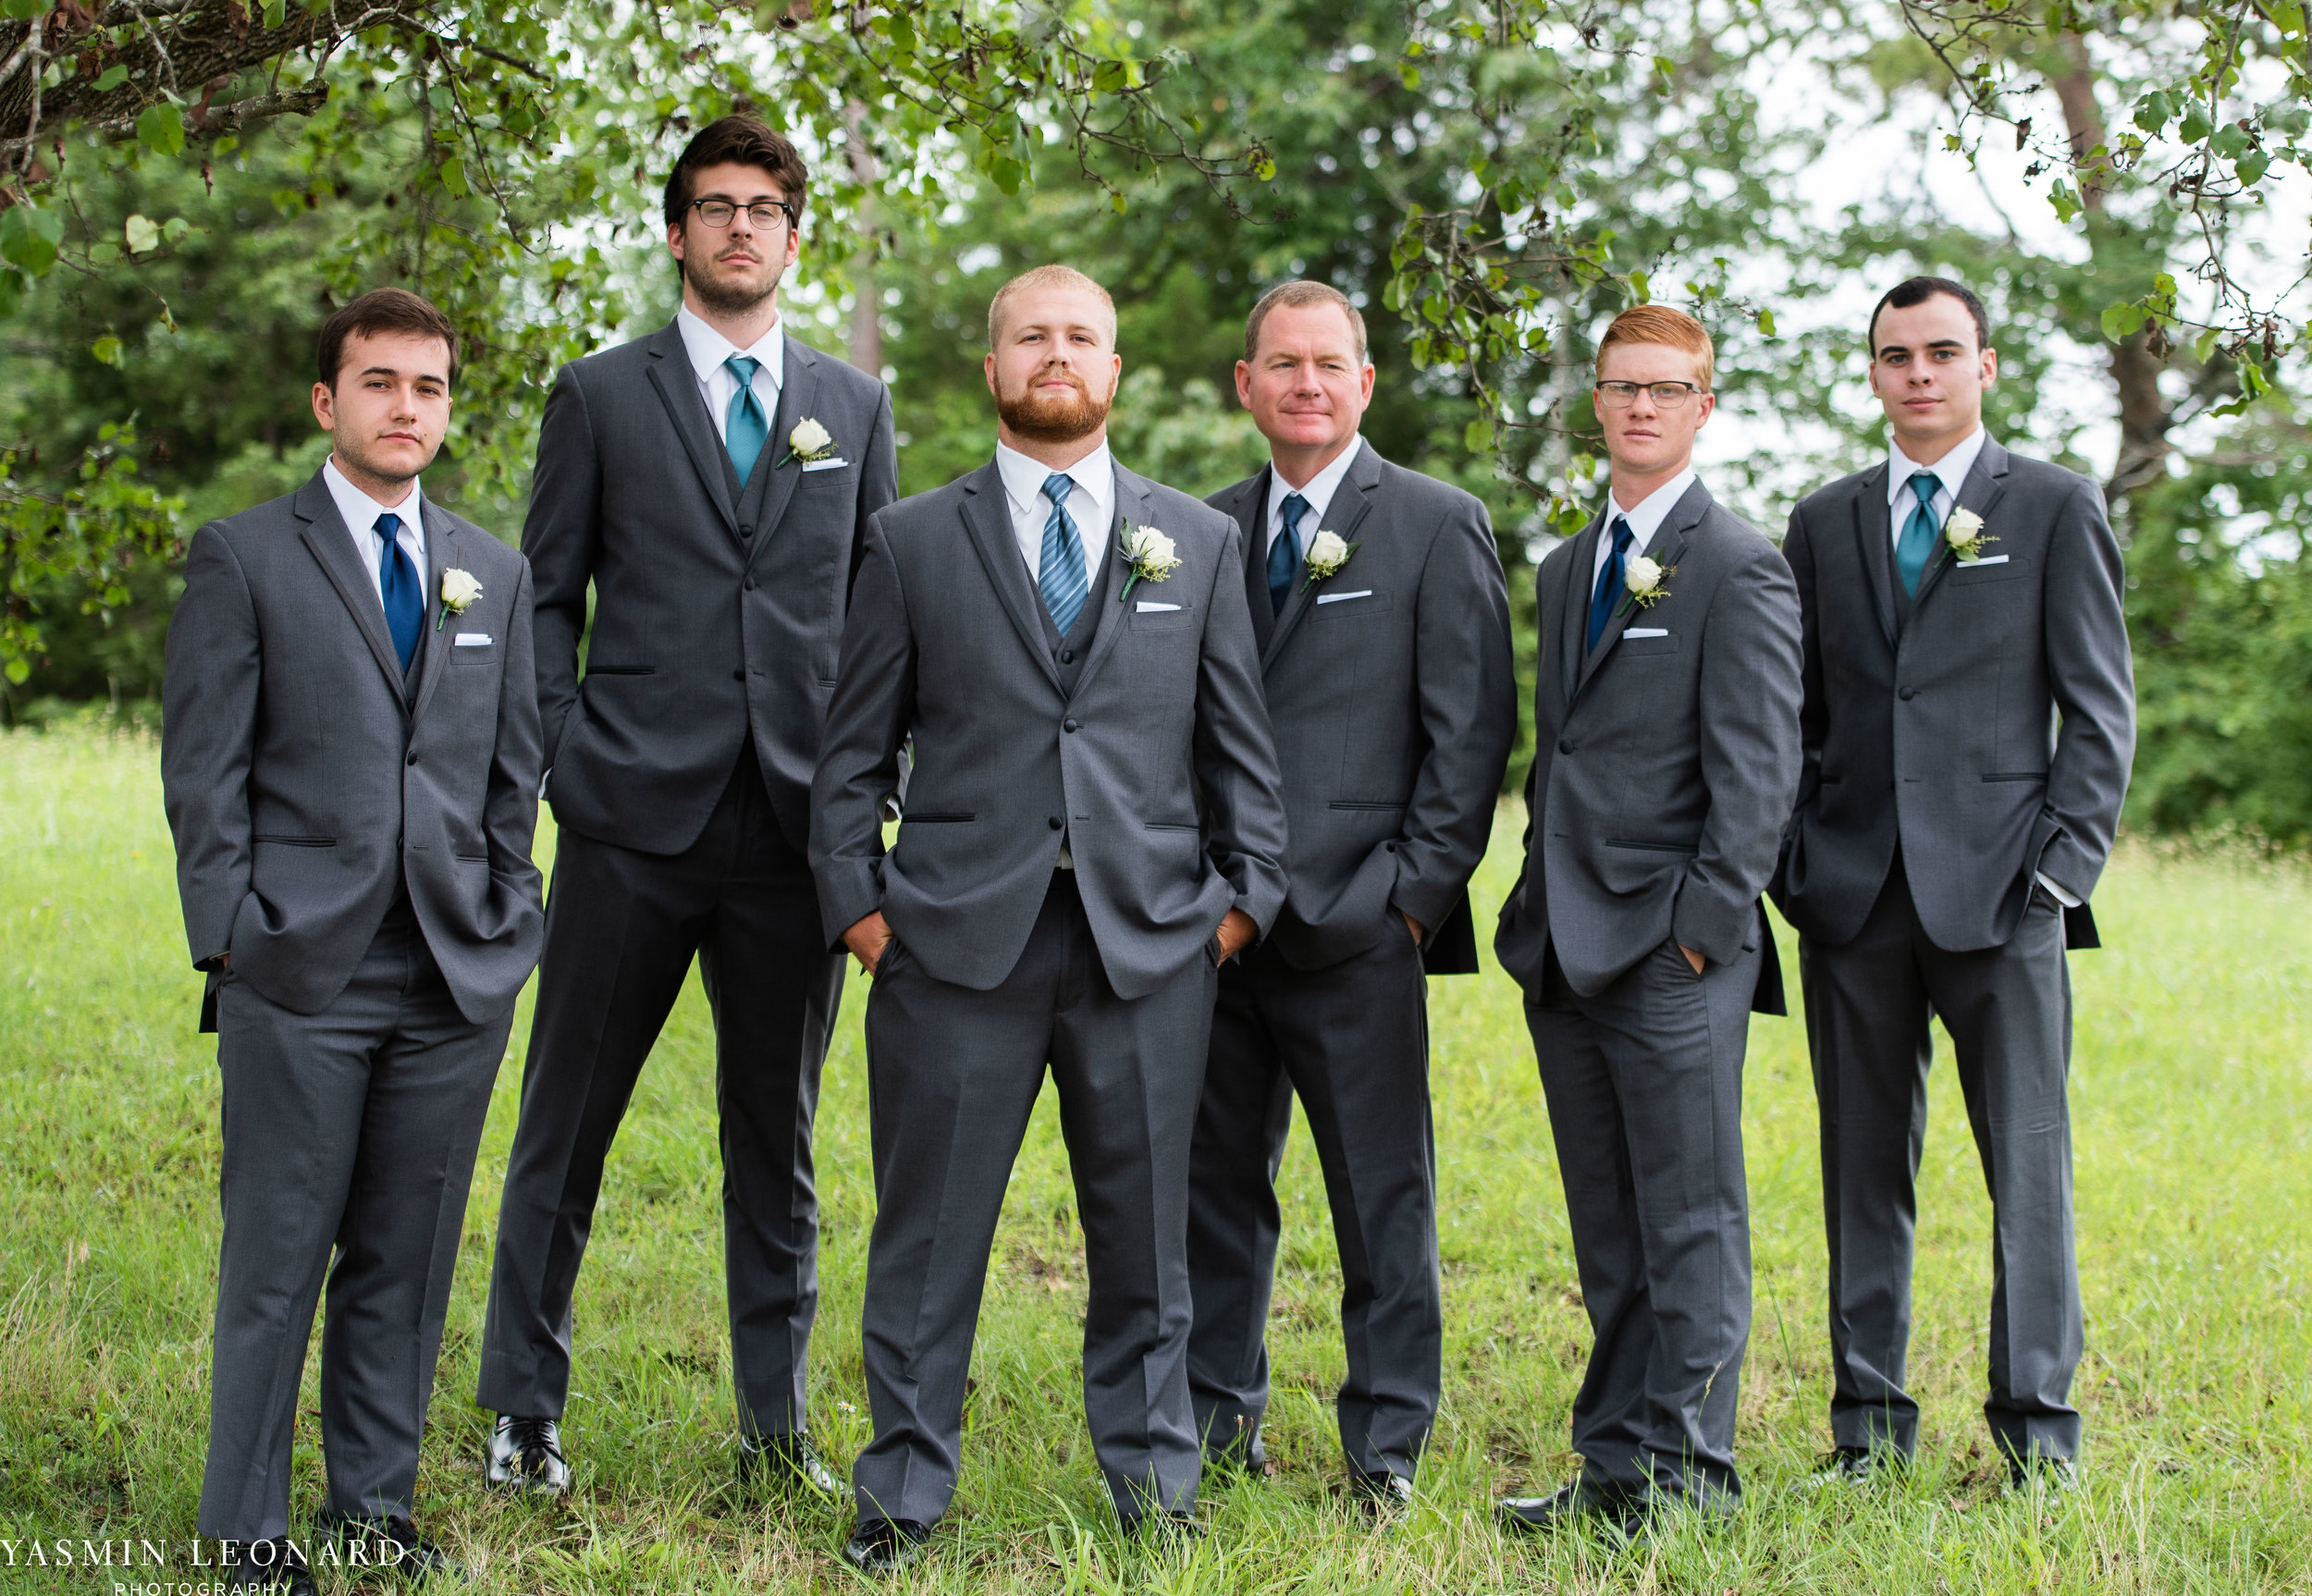 Mt. Pleasant Church - Church Wedding - Traditional Wedding - Church Ceremony - Country Wedding - Godly Wedding - NC Wedding Photographer - High Point Weddings - Triad Weddings - NC Venues-14.jpg